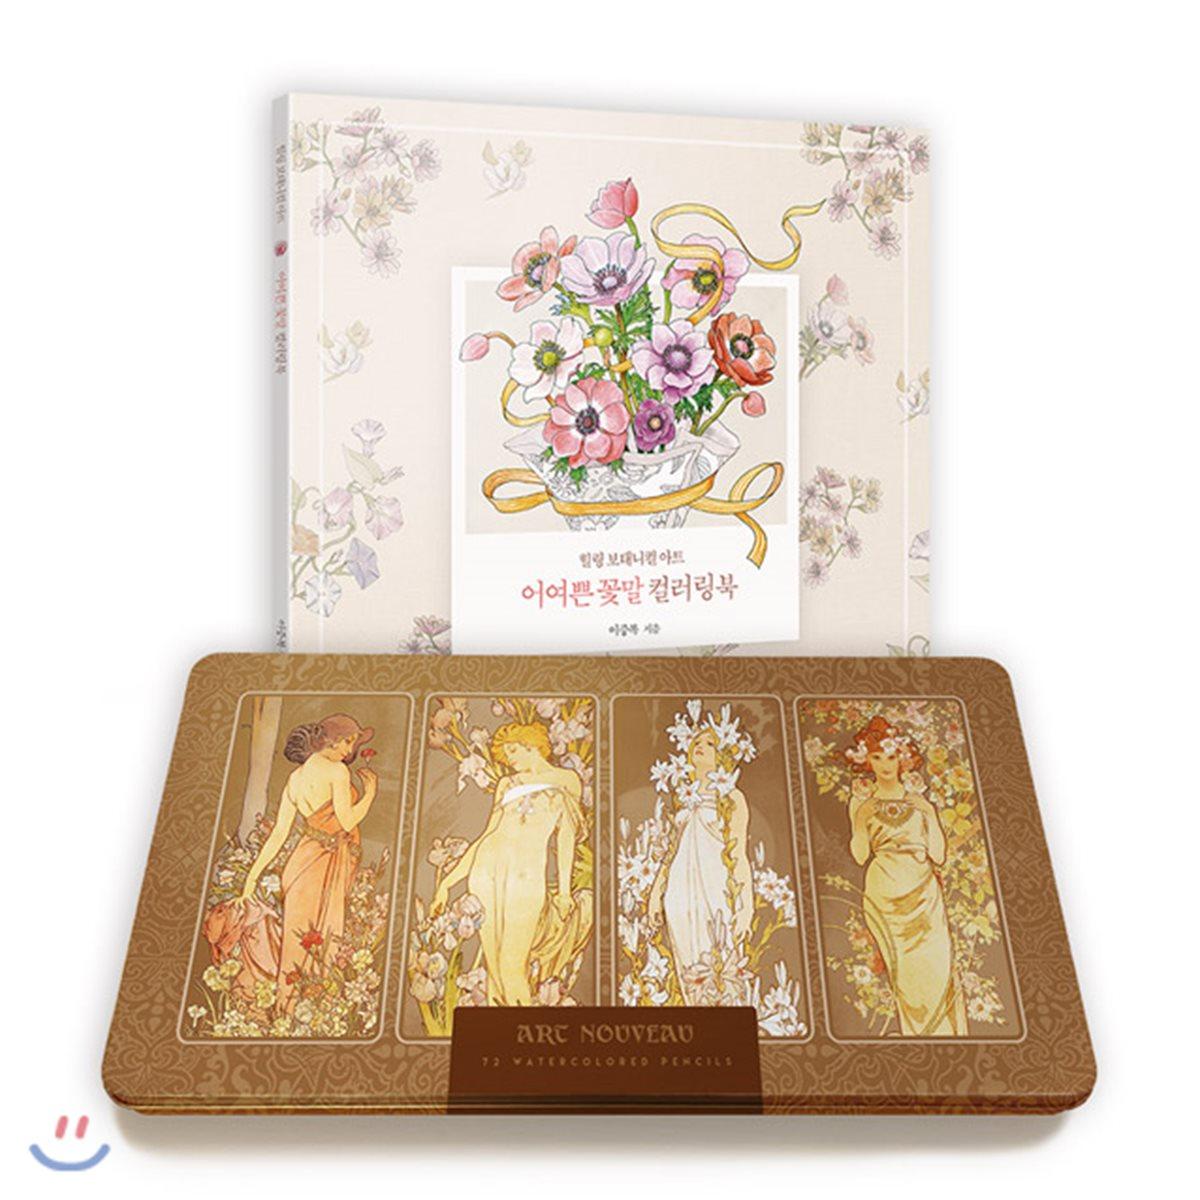 아르누보 색연필 틴케이스 72색+어여쁜 꽃말 컬러링북: 보태니컬 아트 컬러링북 세트